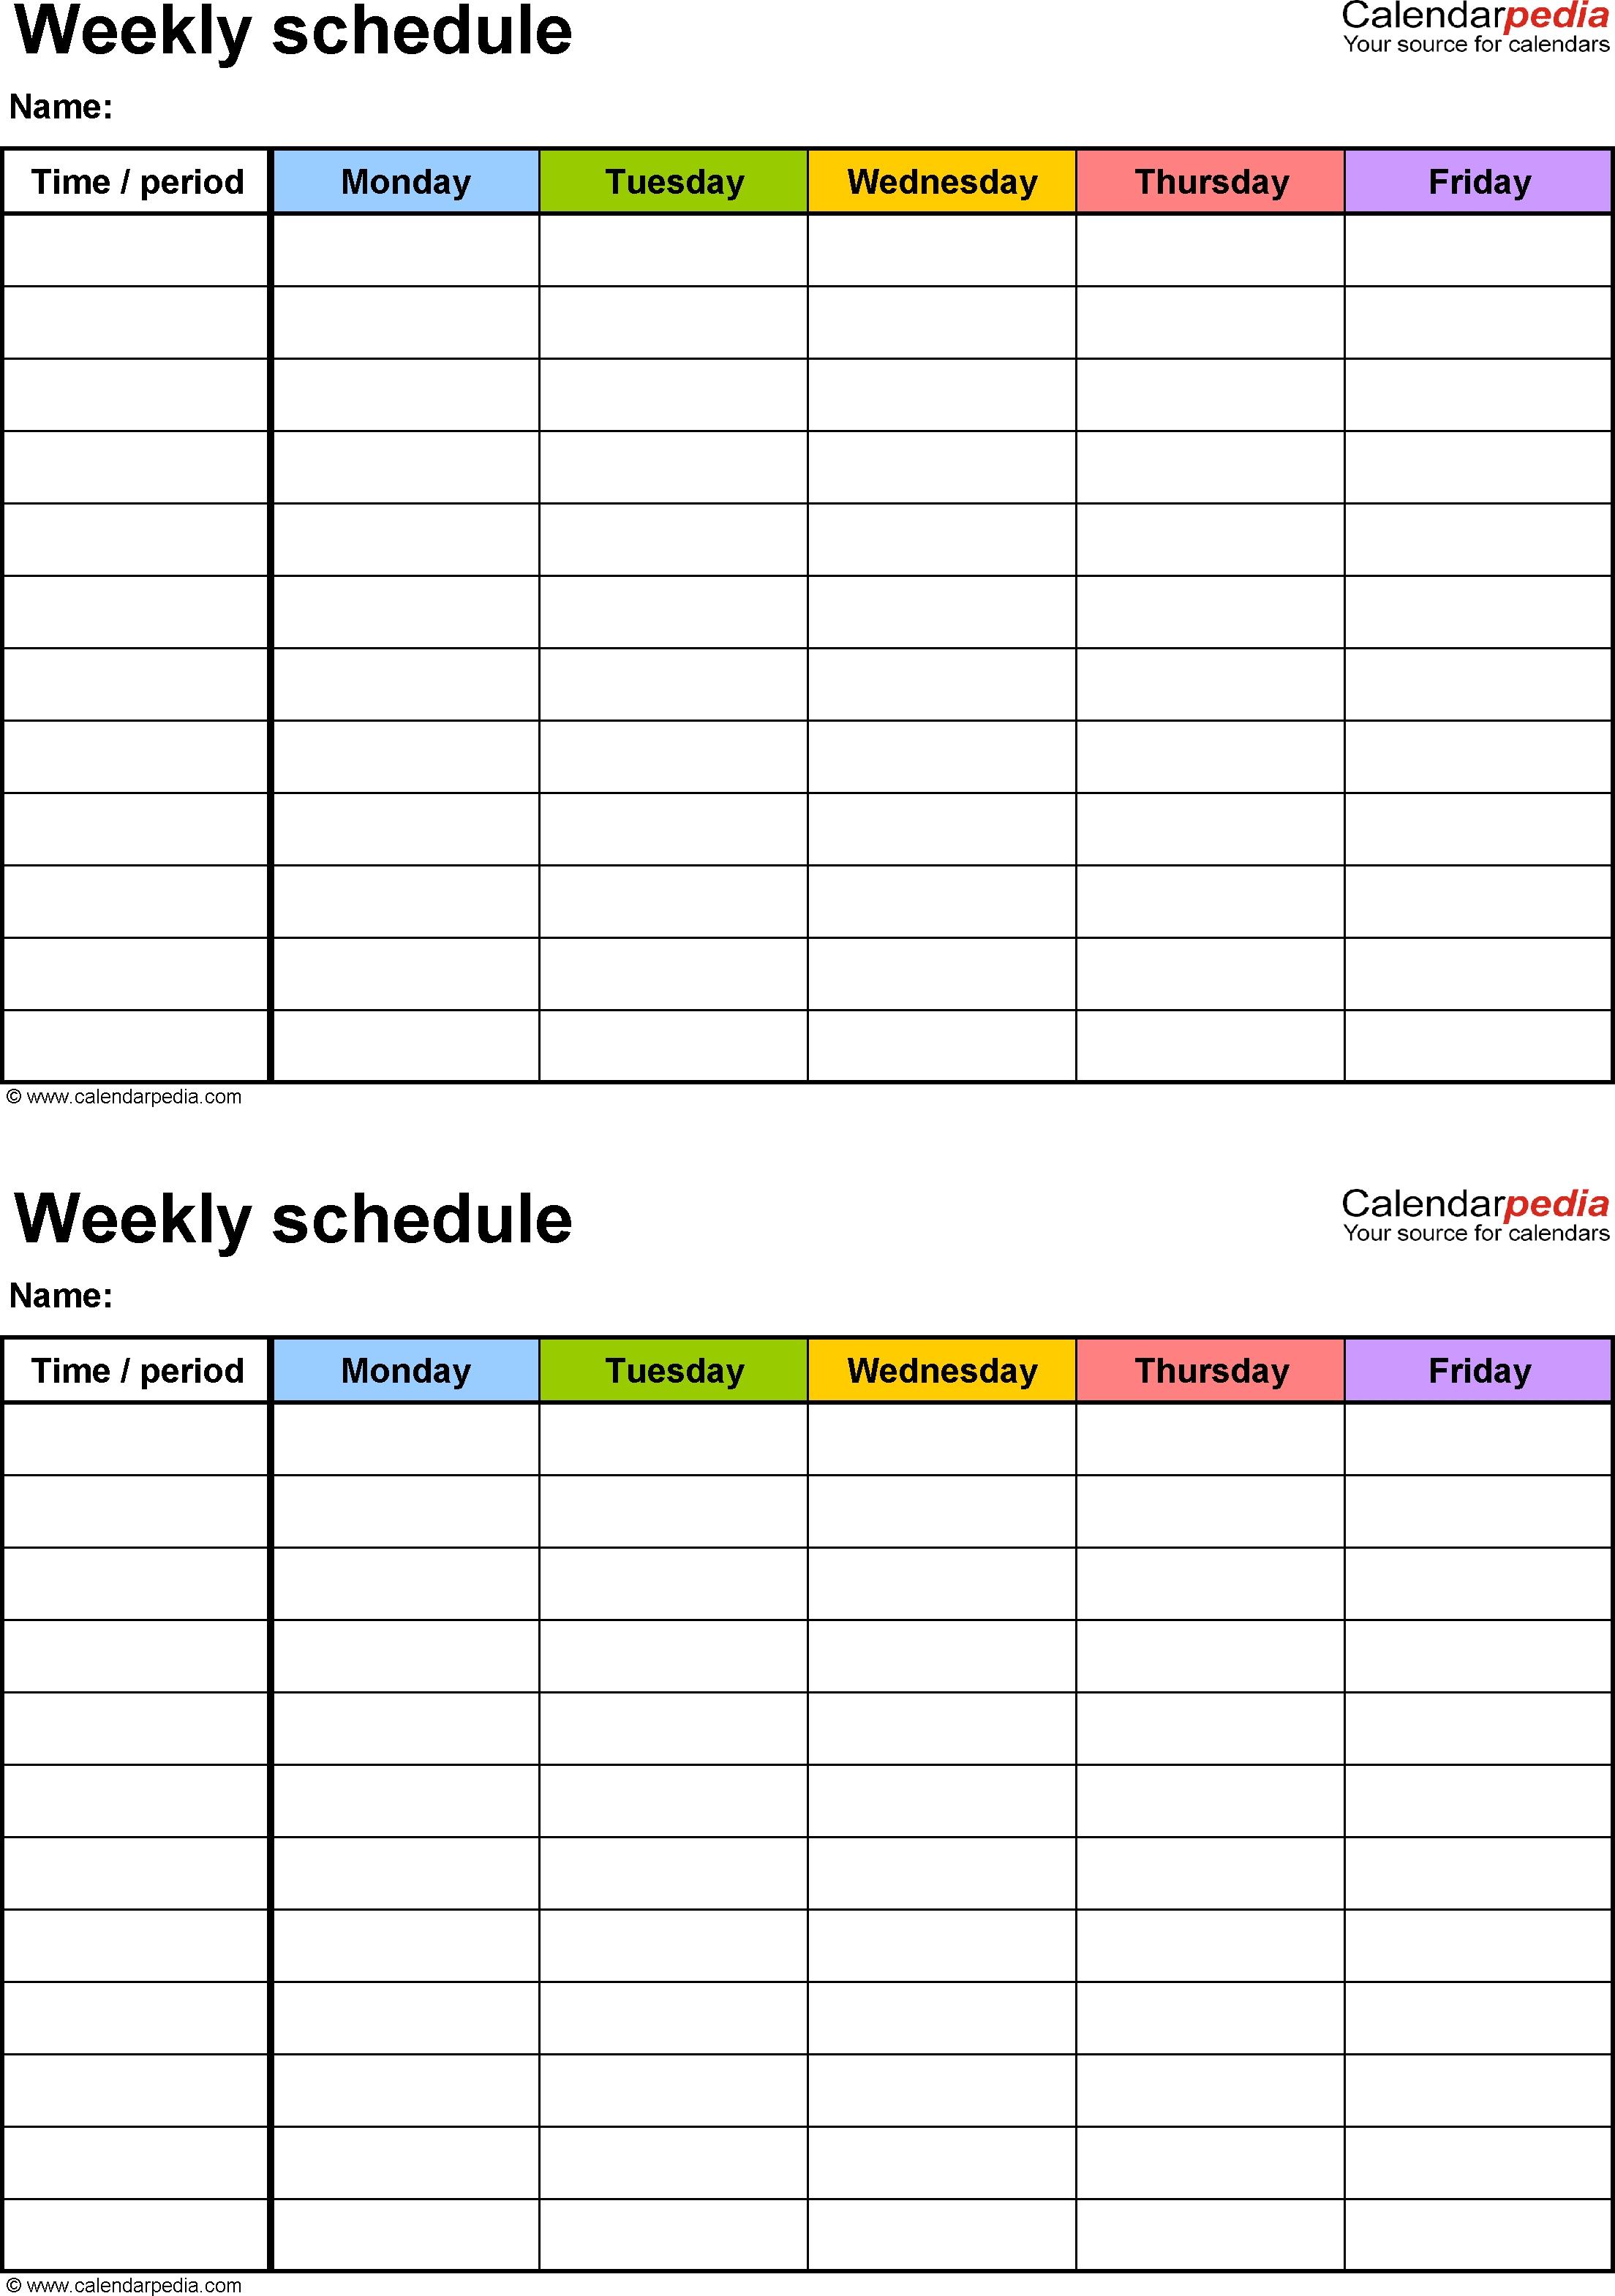 8 Week Blank Calendar Printable | Monthly Printable Calender